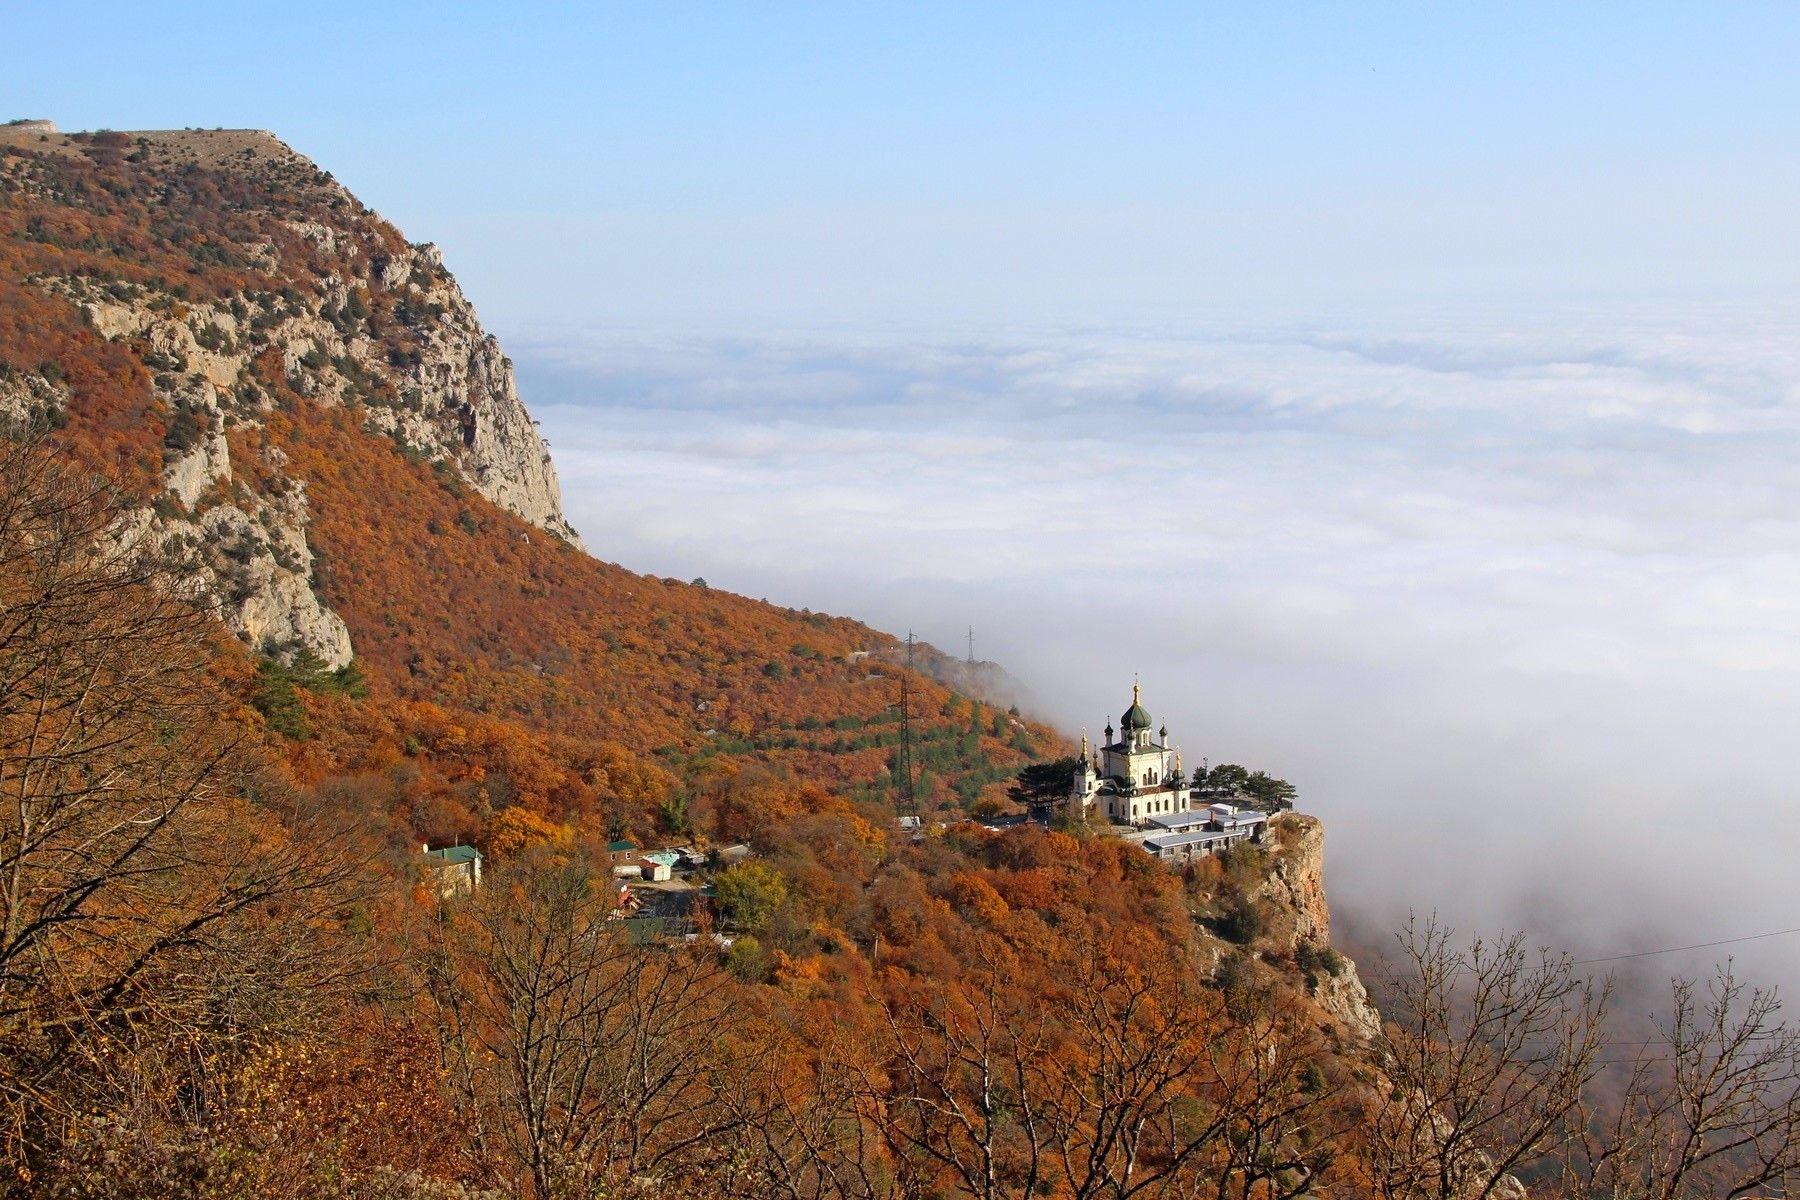 Над облаками форос церковь облака